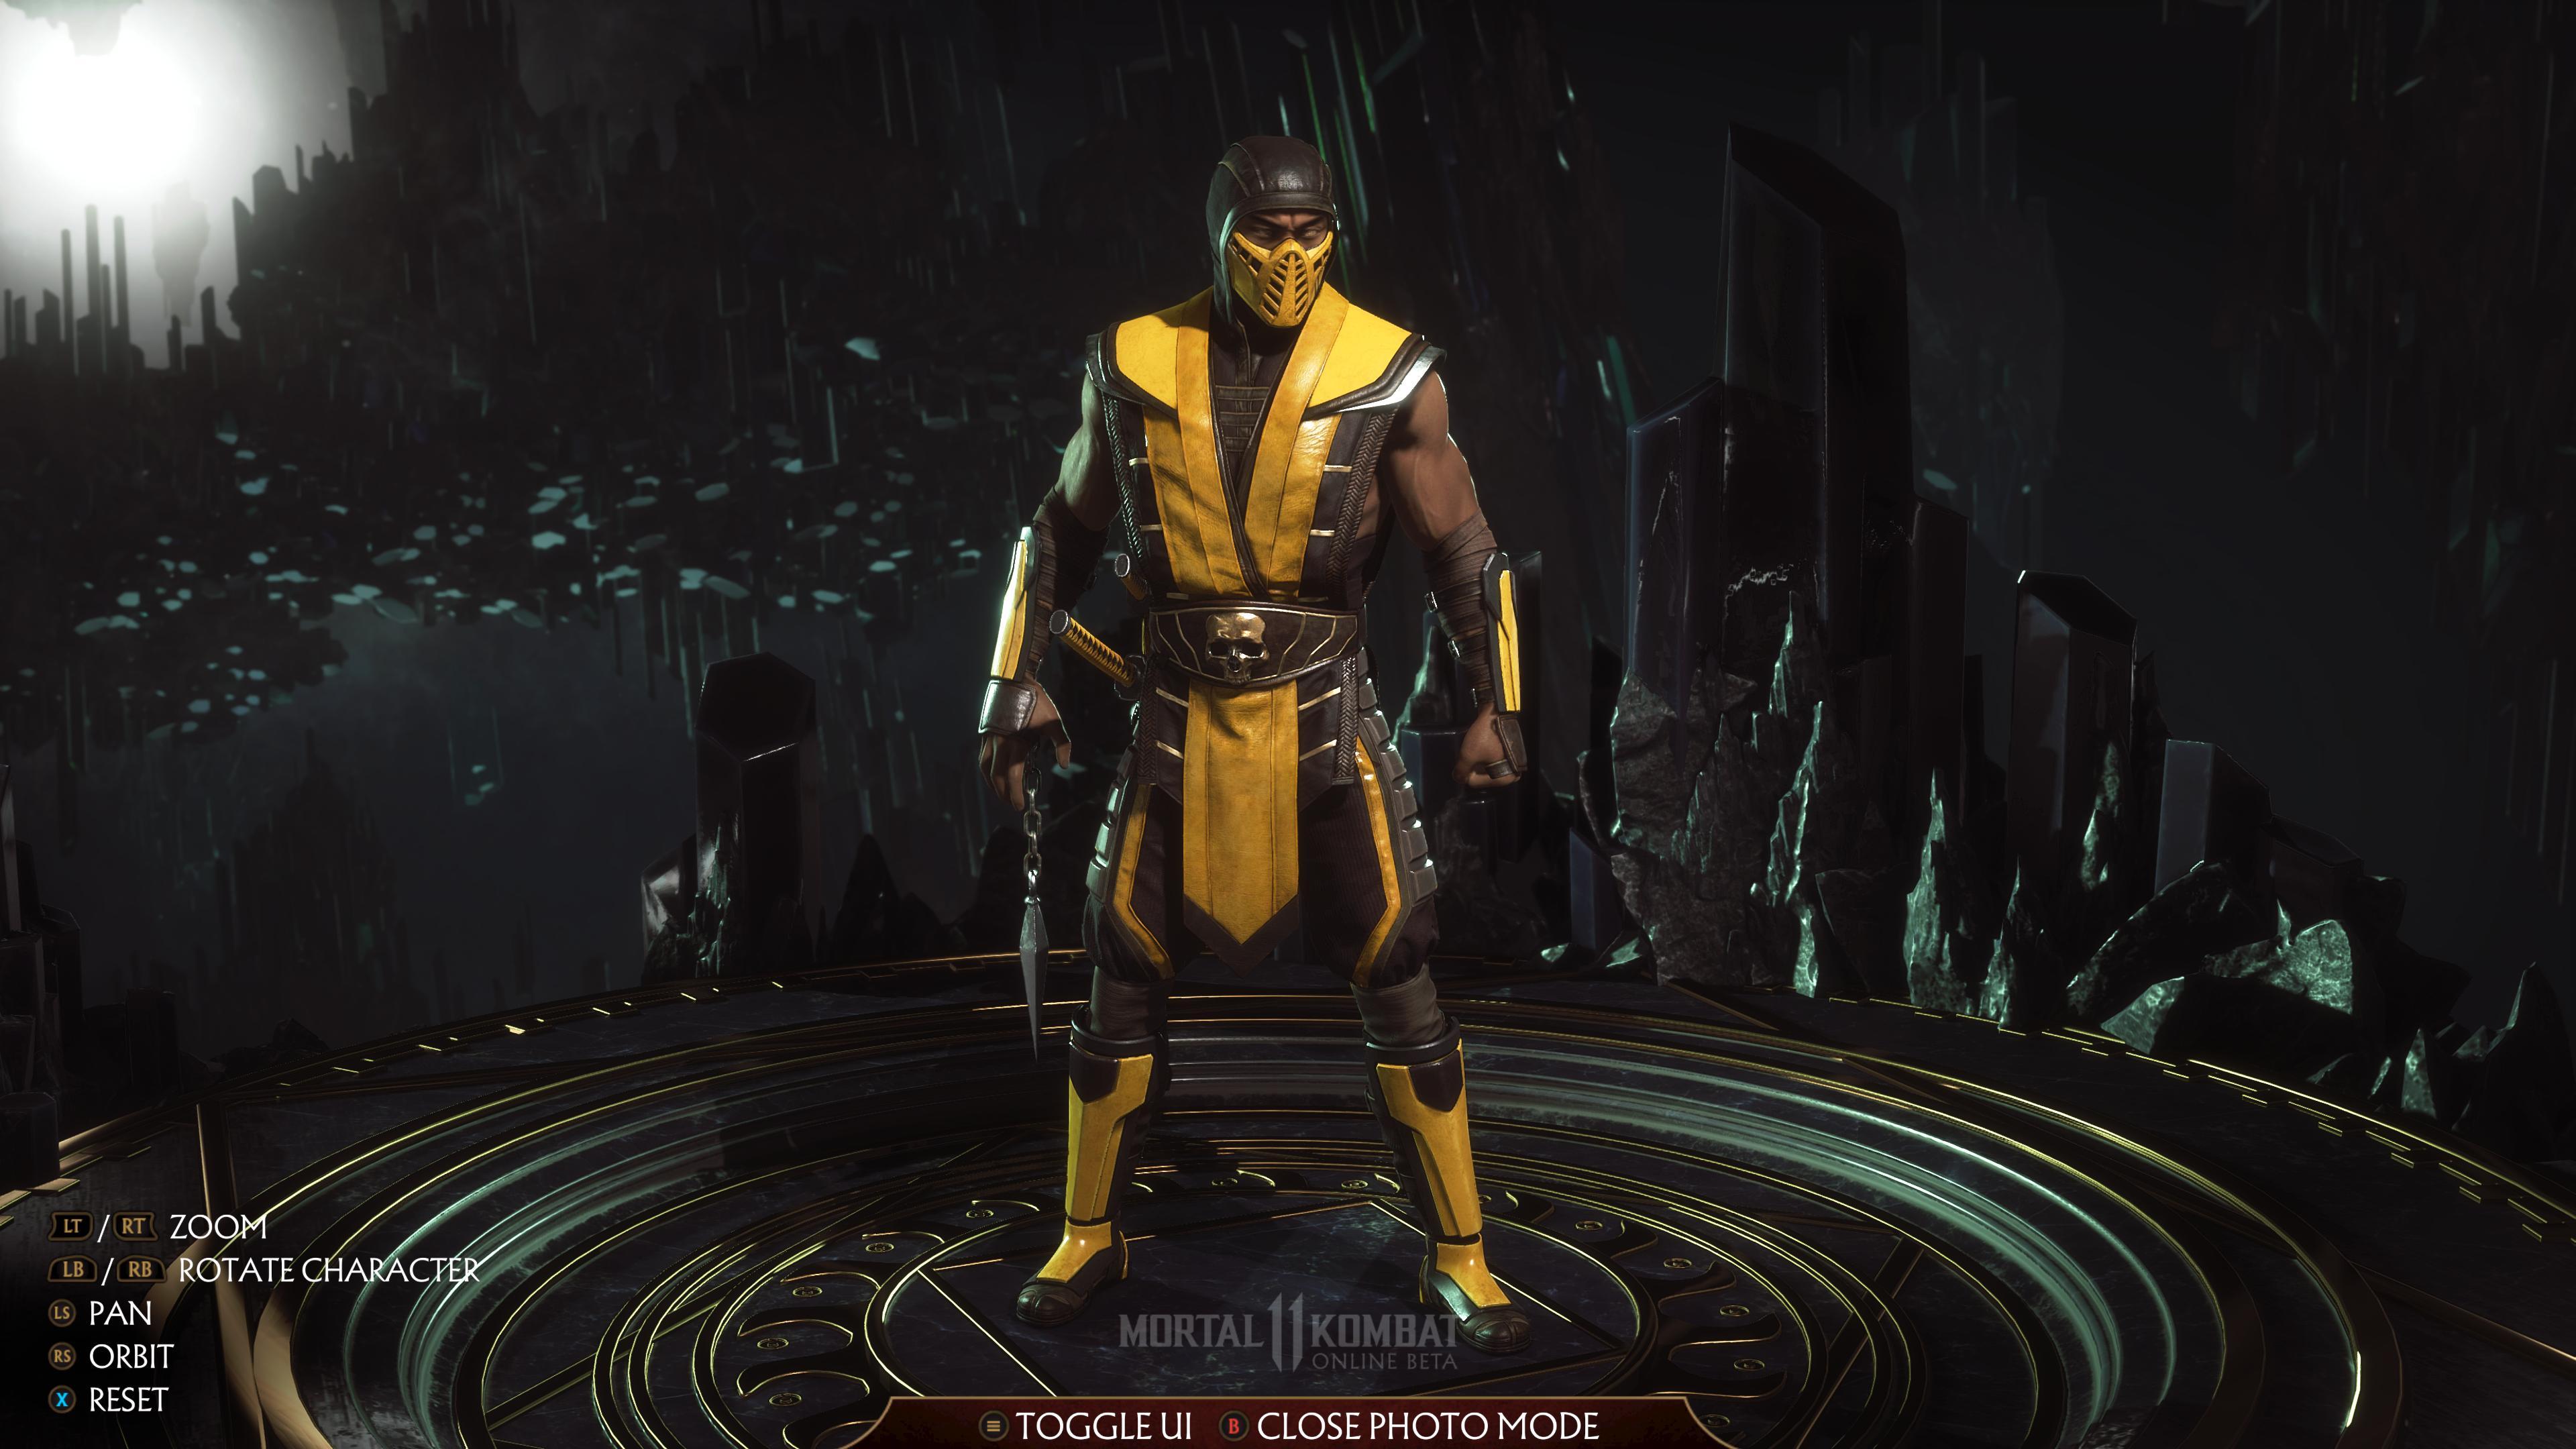 Скорпион - Mortal Kombat 11 4K